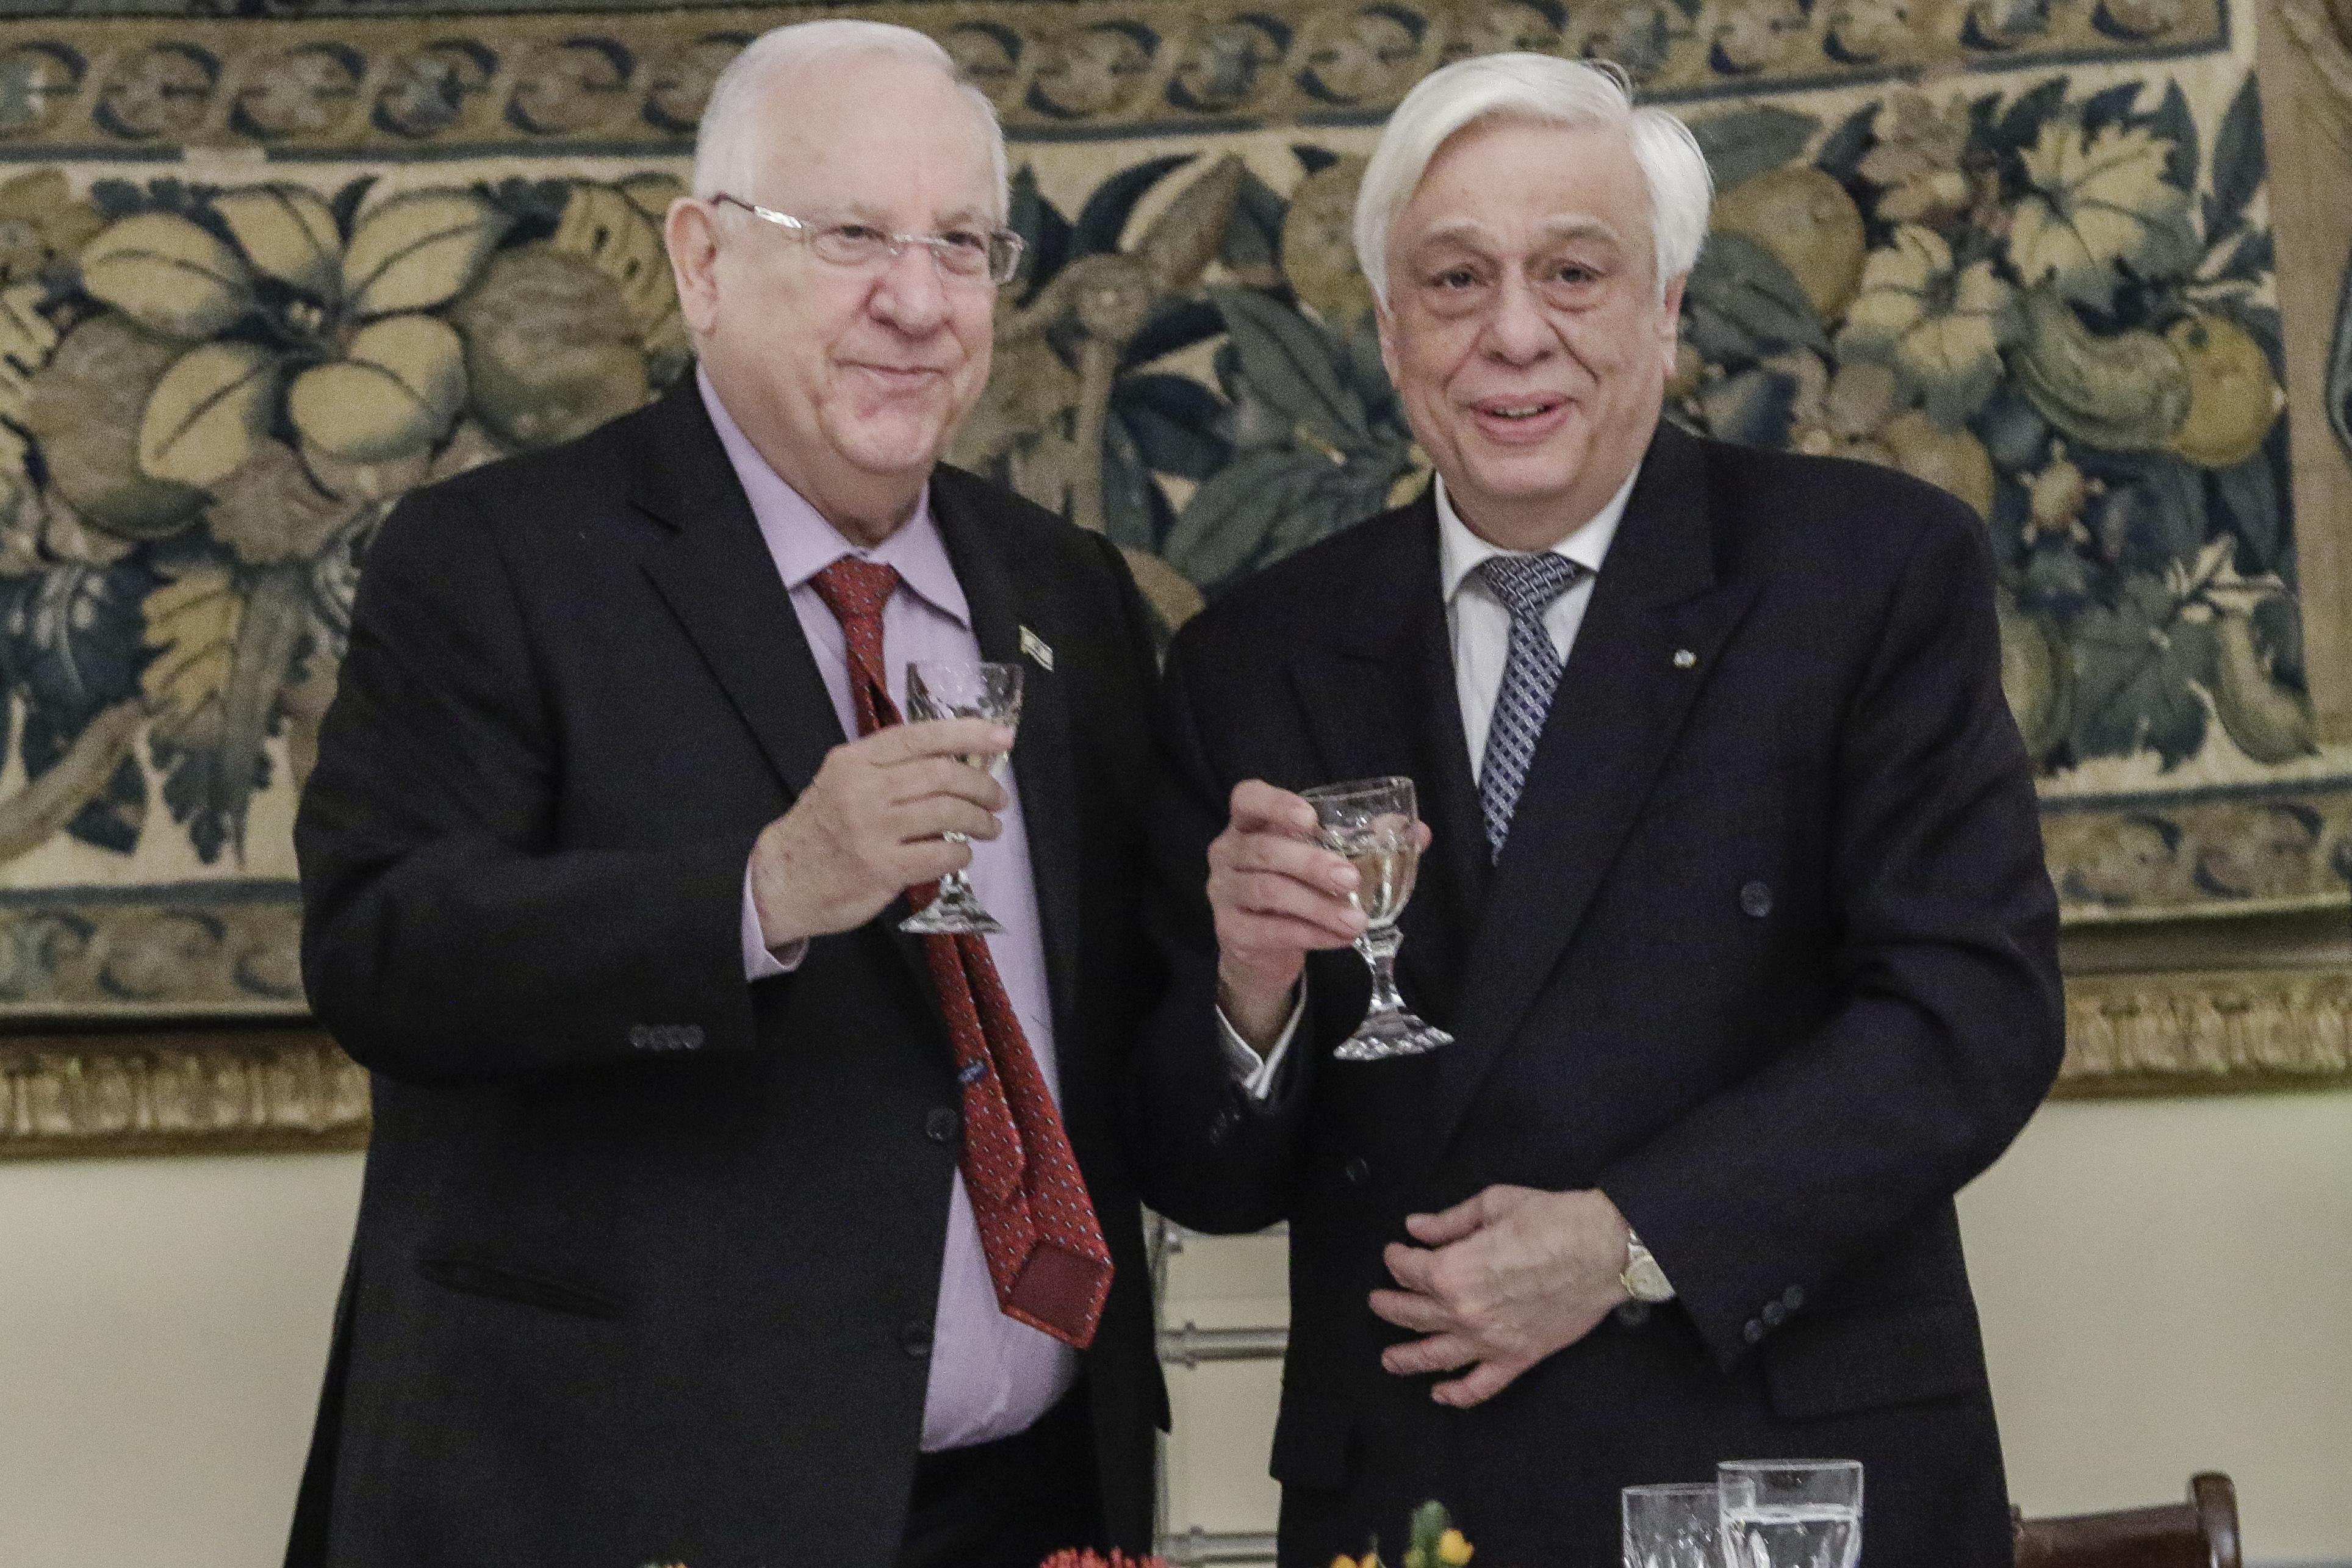 Εσπασε η καρέκλα του Ισραηλινού προέδρου μέσα στο Προεδρικό Μέγαρο